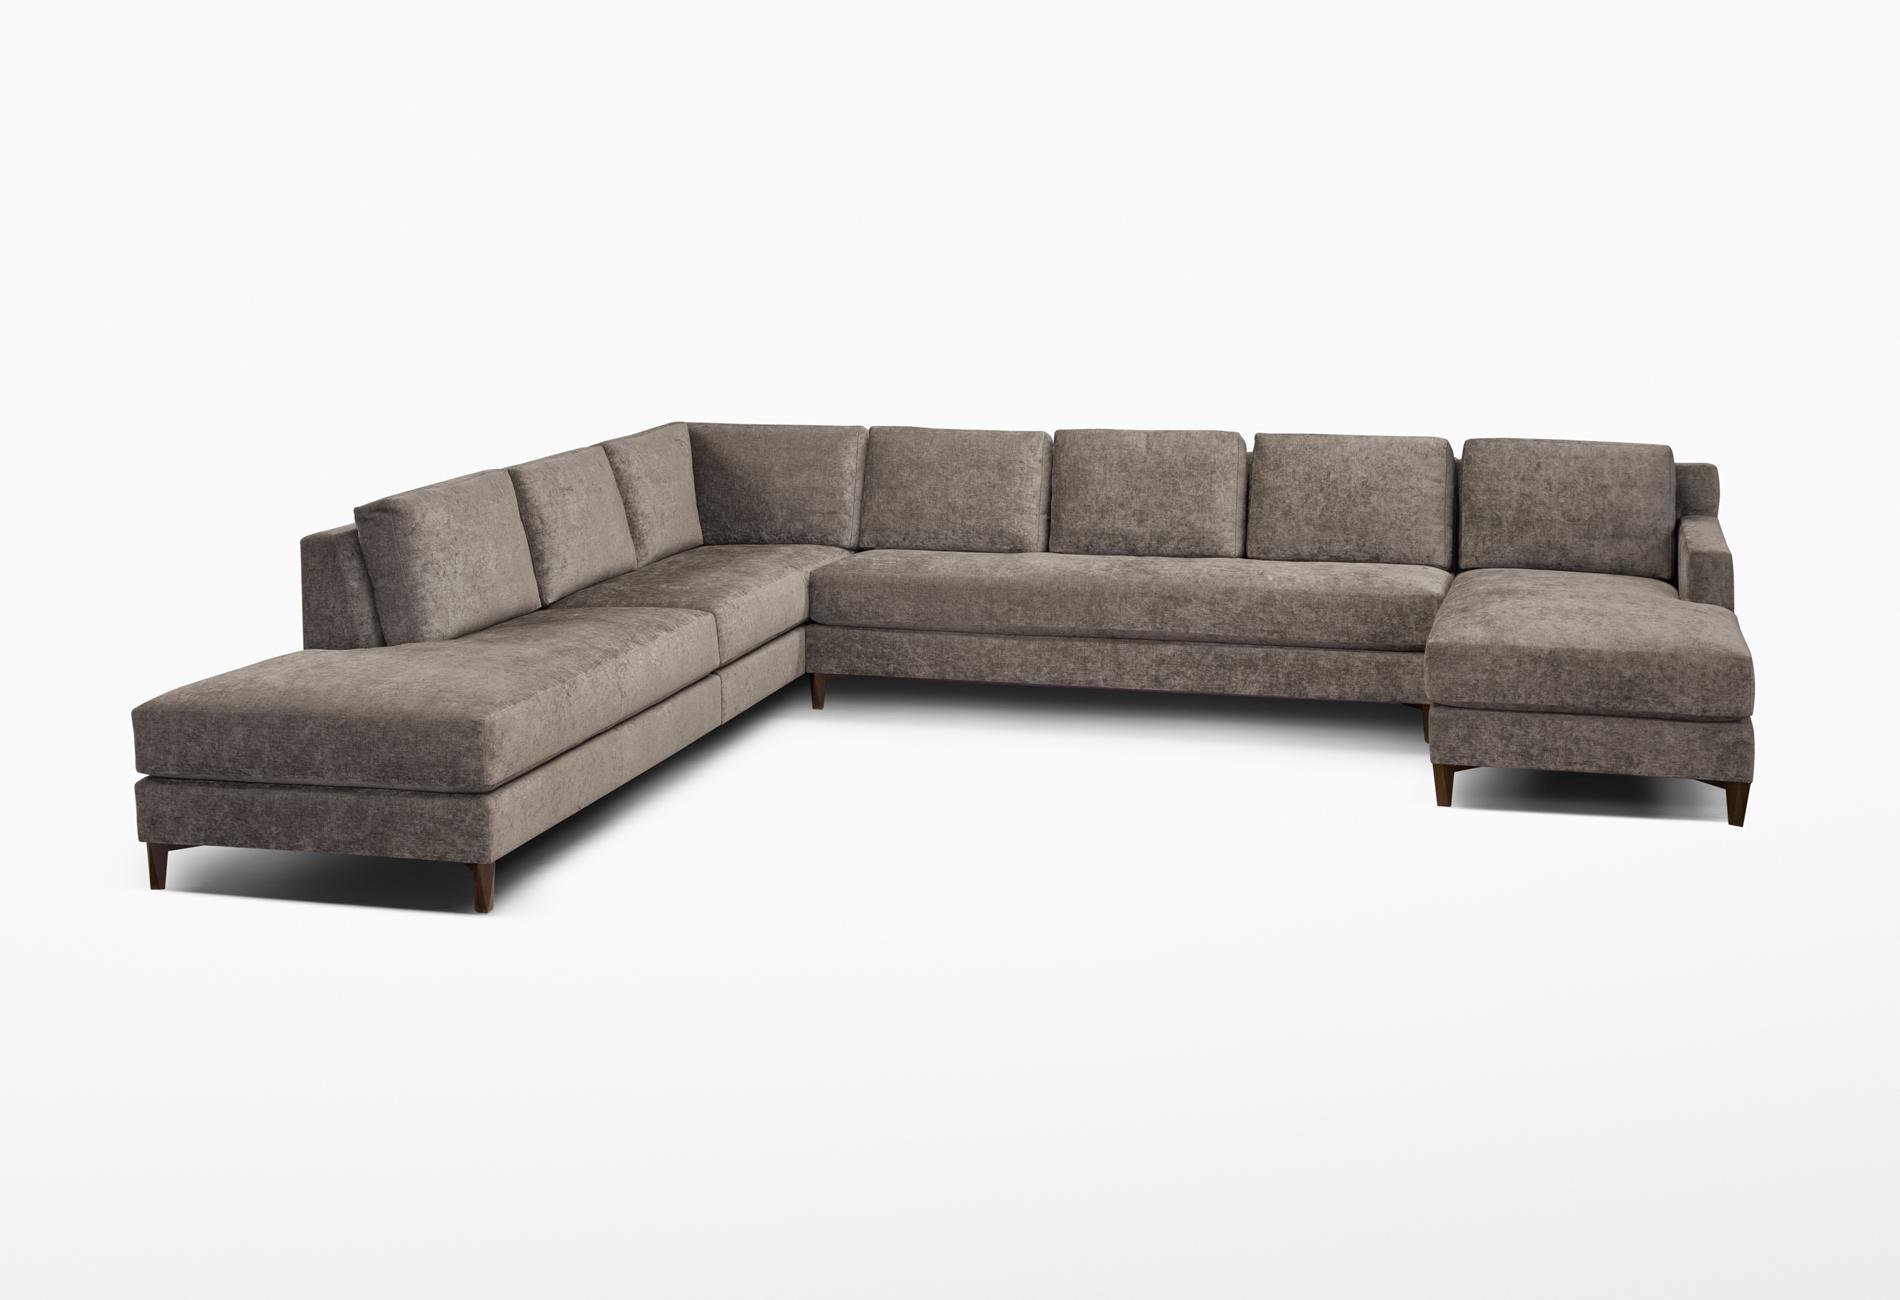 CMS Custom Sectional Sofa 003 (2).jpg